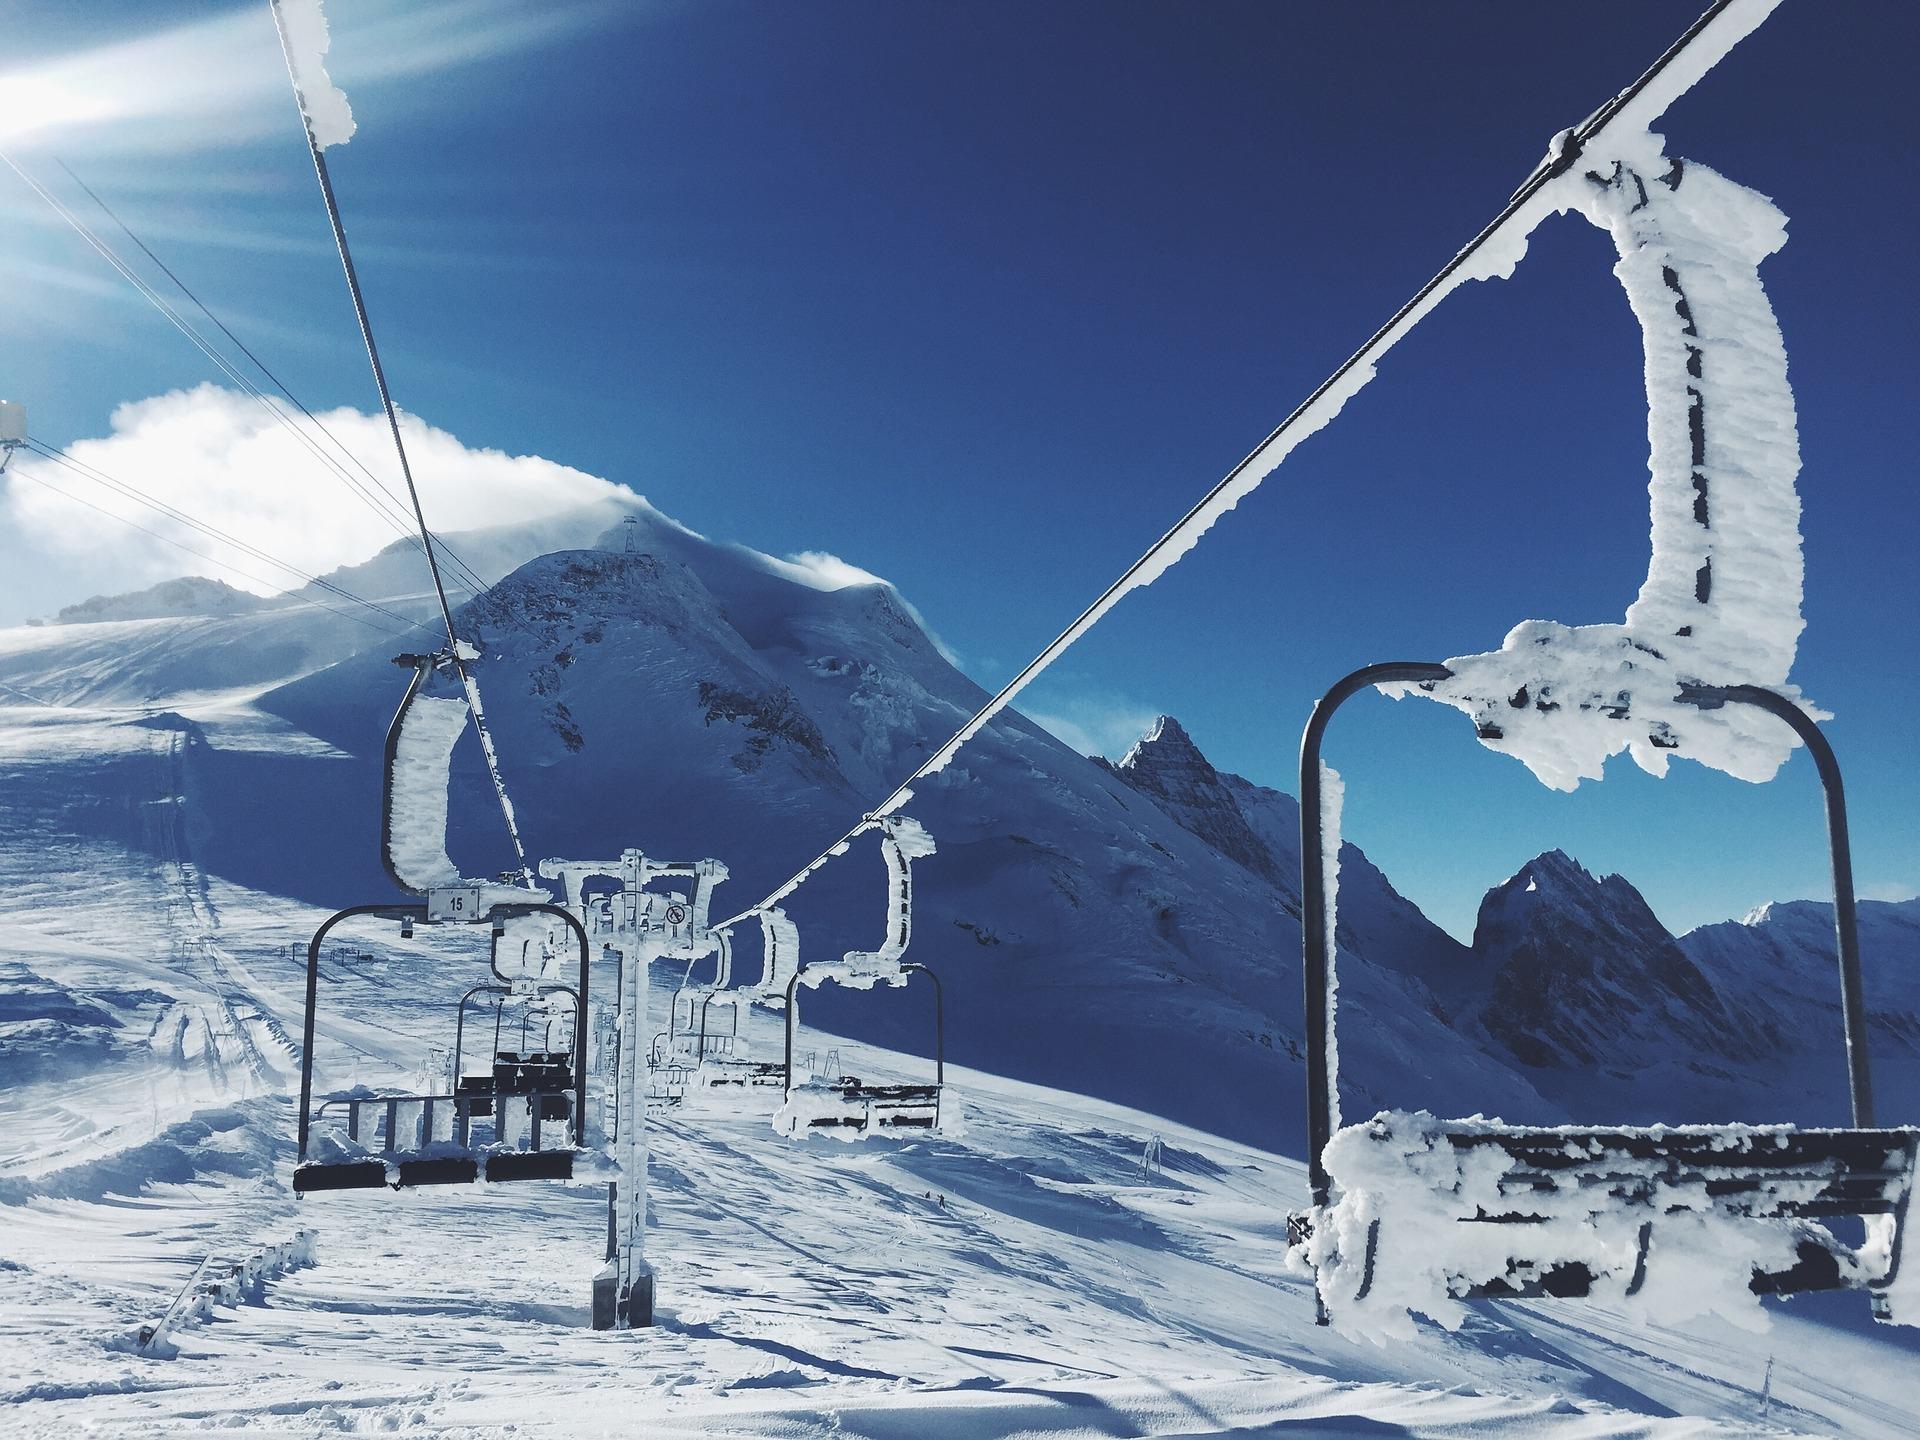 ski-lifts-1209812_1920